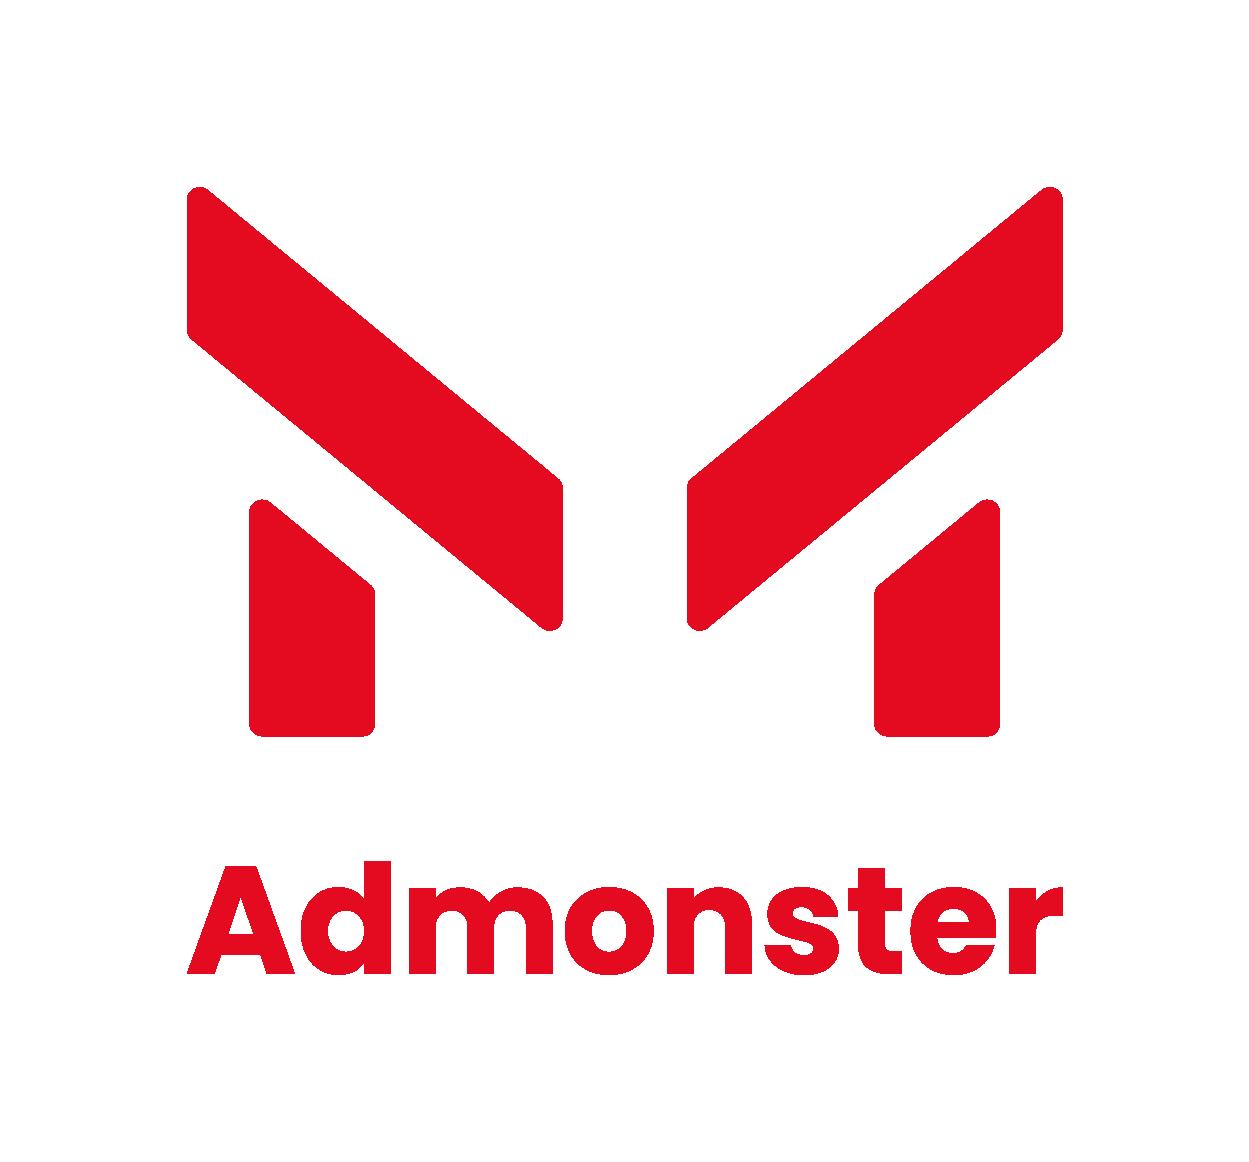 Admonster